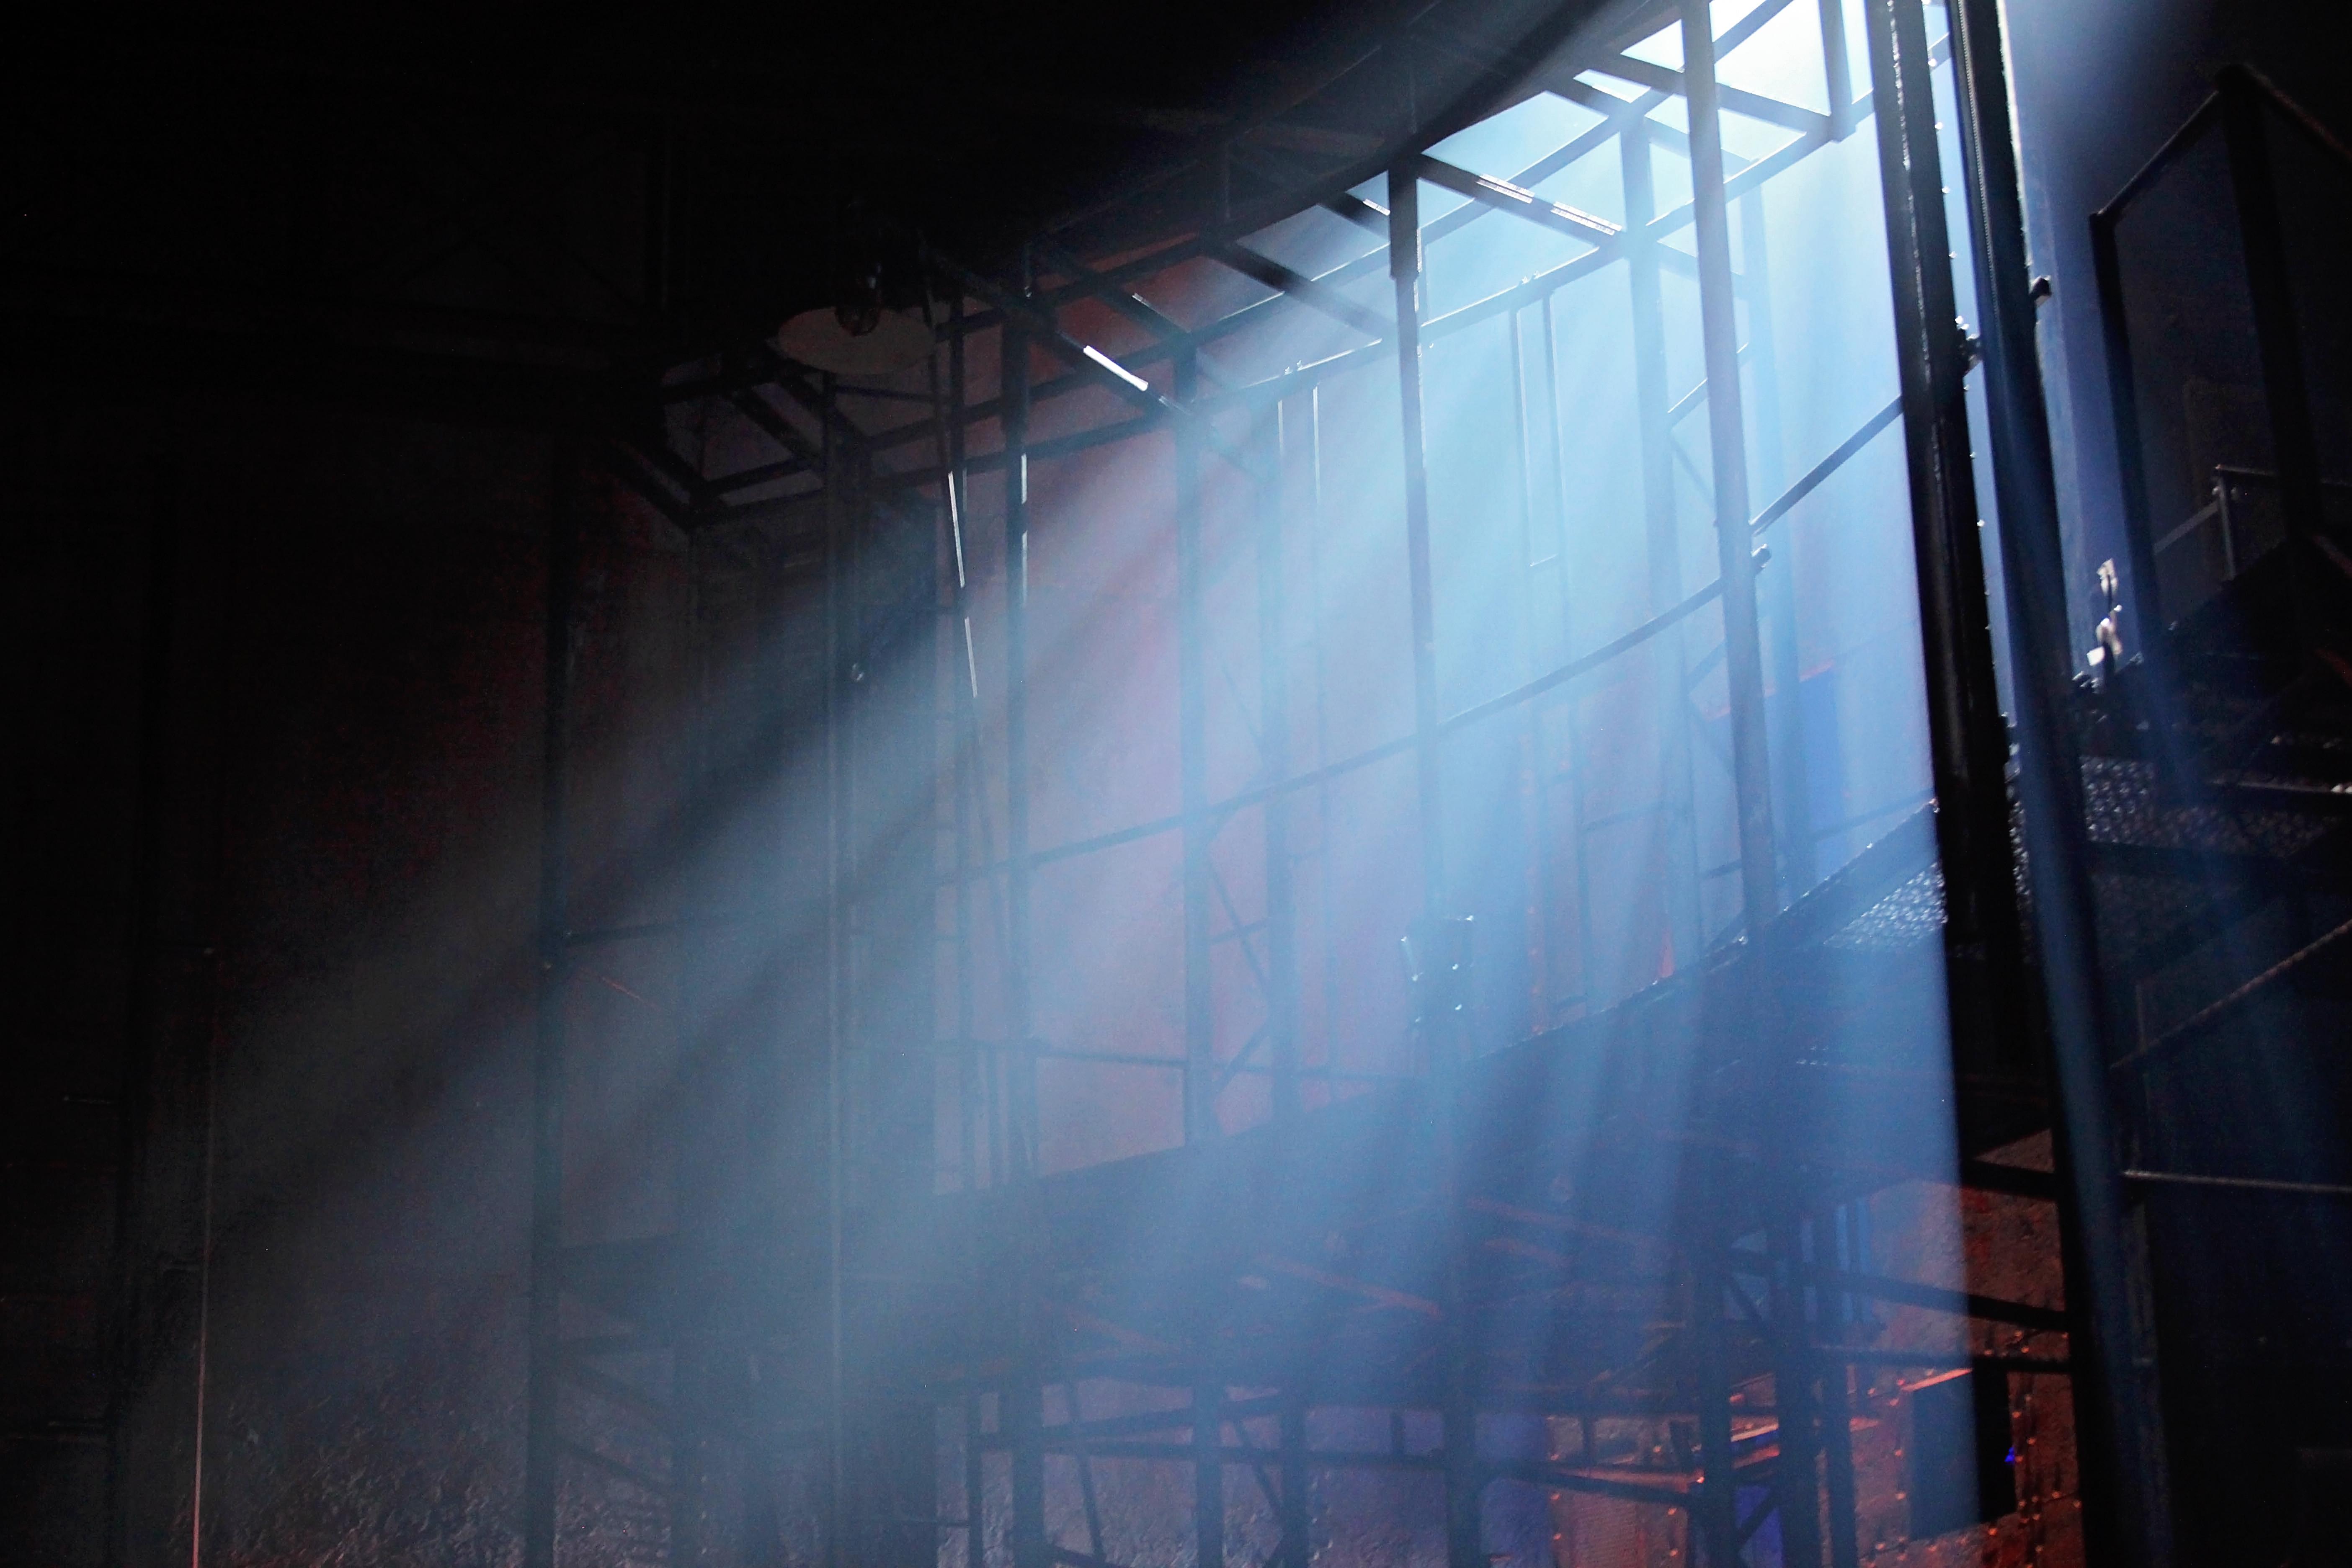 Light through grid